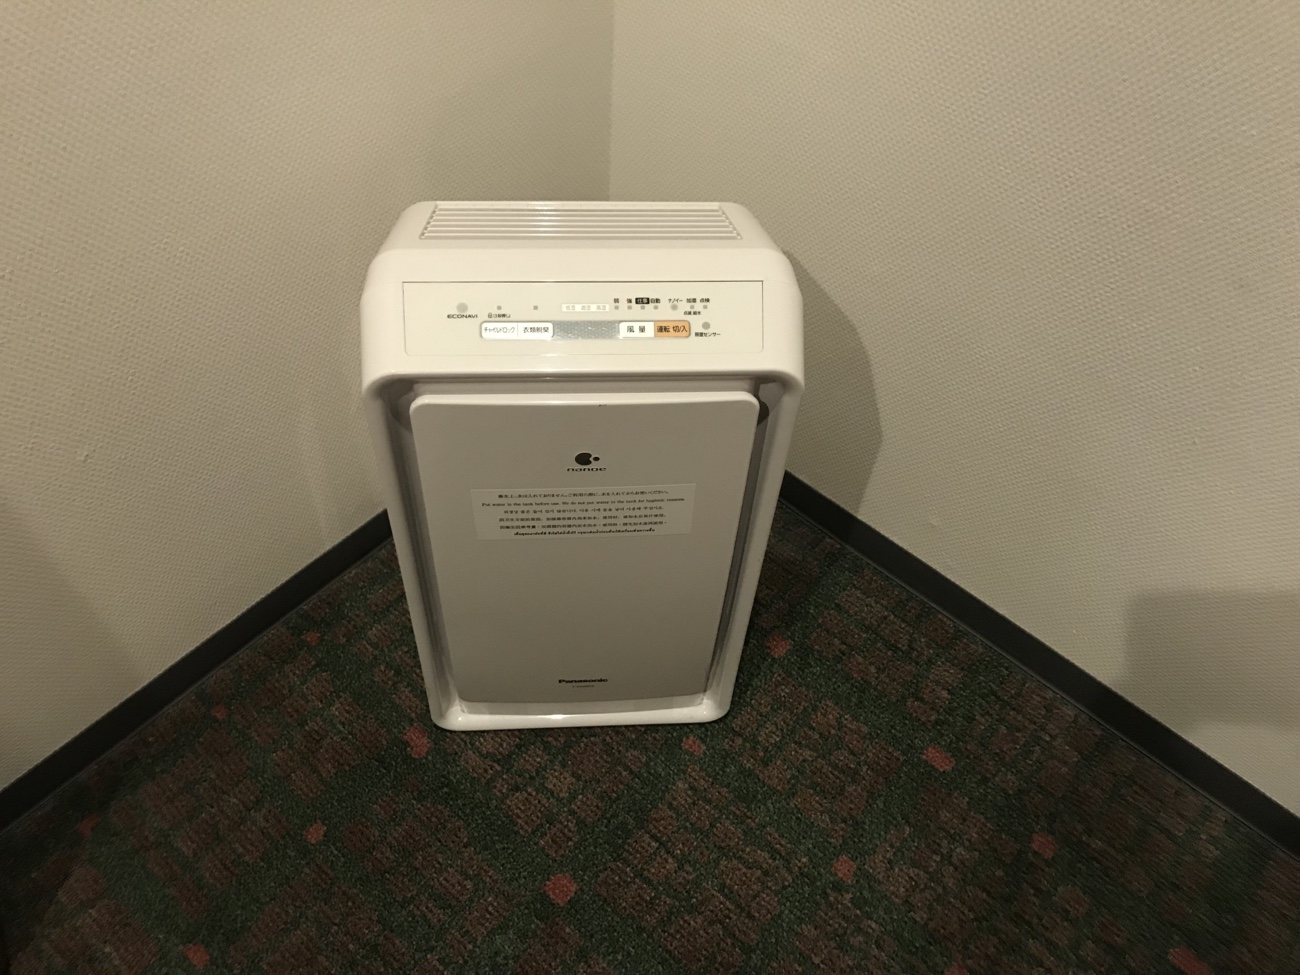 ニューオータニイン札幌 部屋 加湿器空気清浄機 口コミ感想ブログ